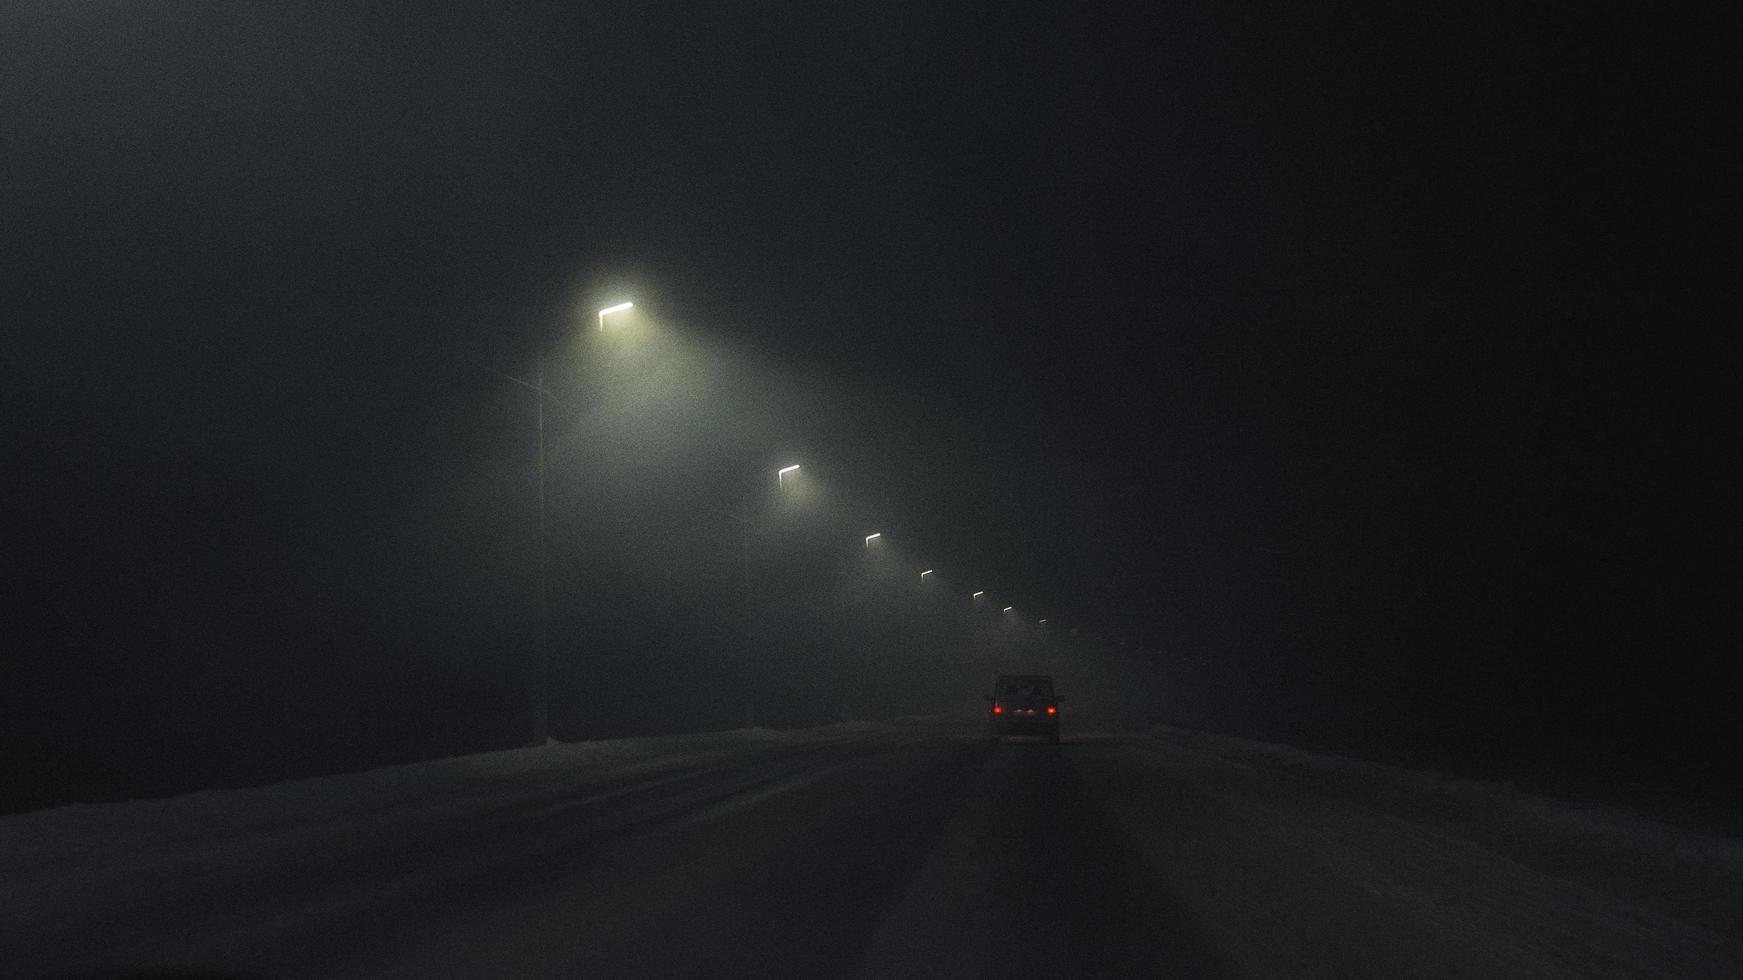 voiture sur une route sombre photo